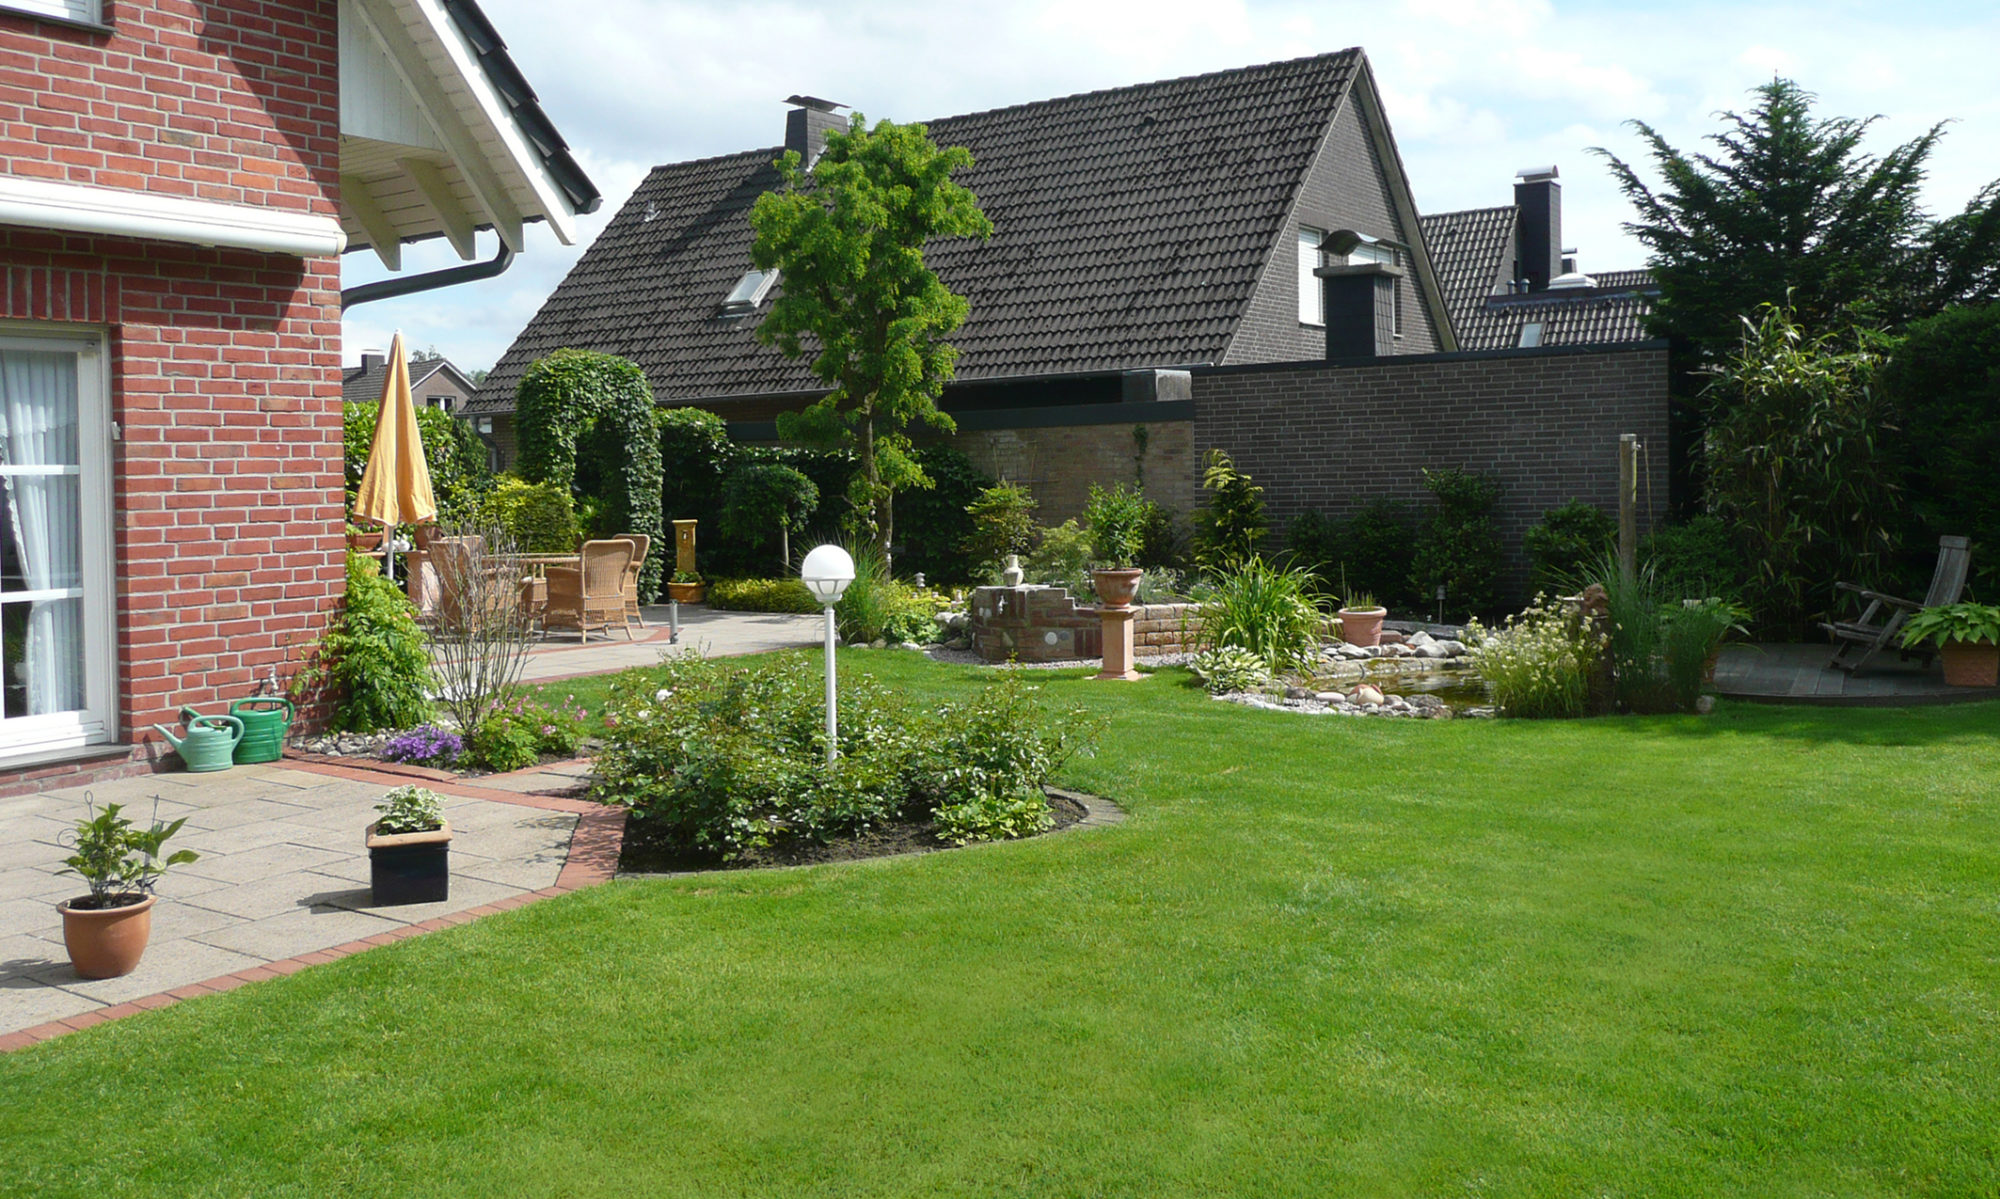 Gartengestaltung Lindert GbR